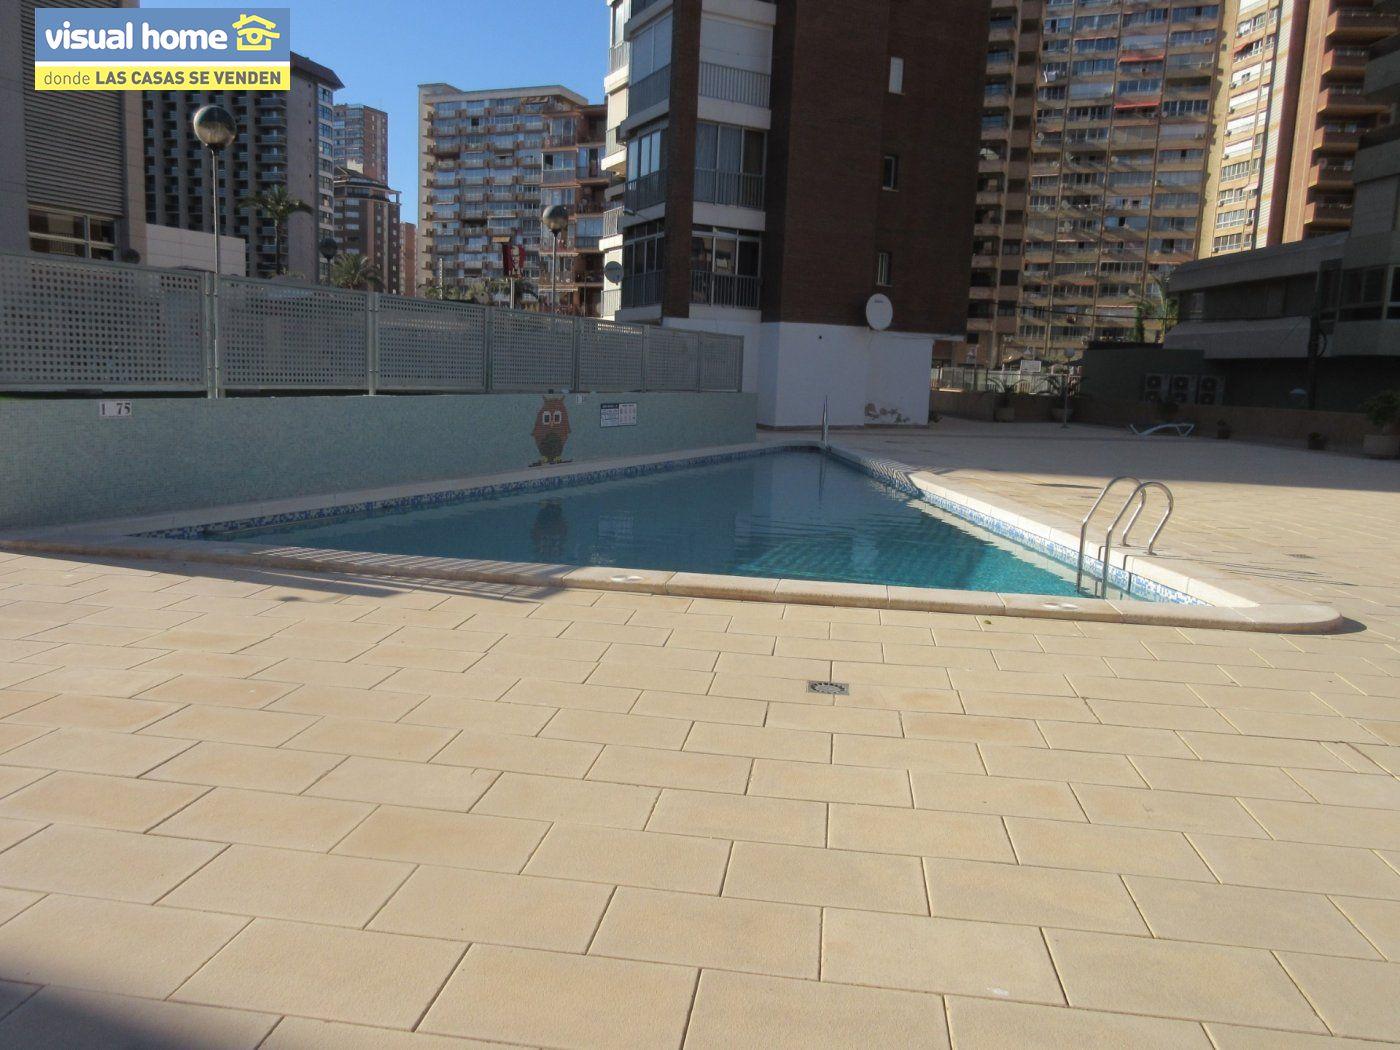 Apartamento todo exterior en Av/ Mediterráneo con garaje y piscina a 50 mts de la playa 35